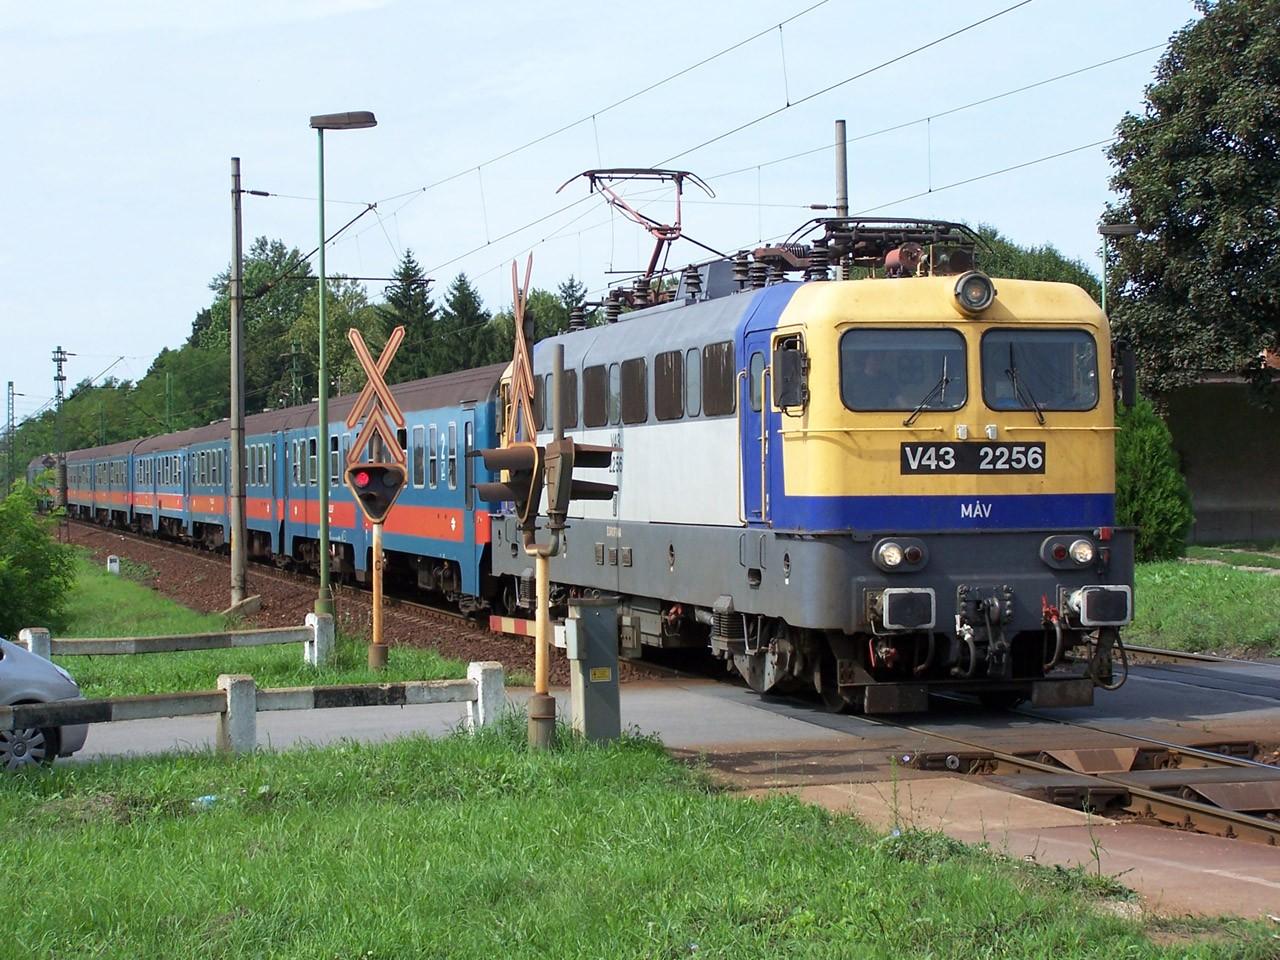 A vasúti menetrendet is érinti a hétvégi munkanap-áthelyezés